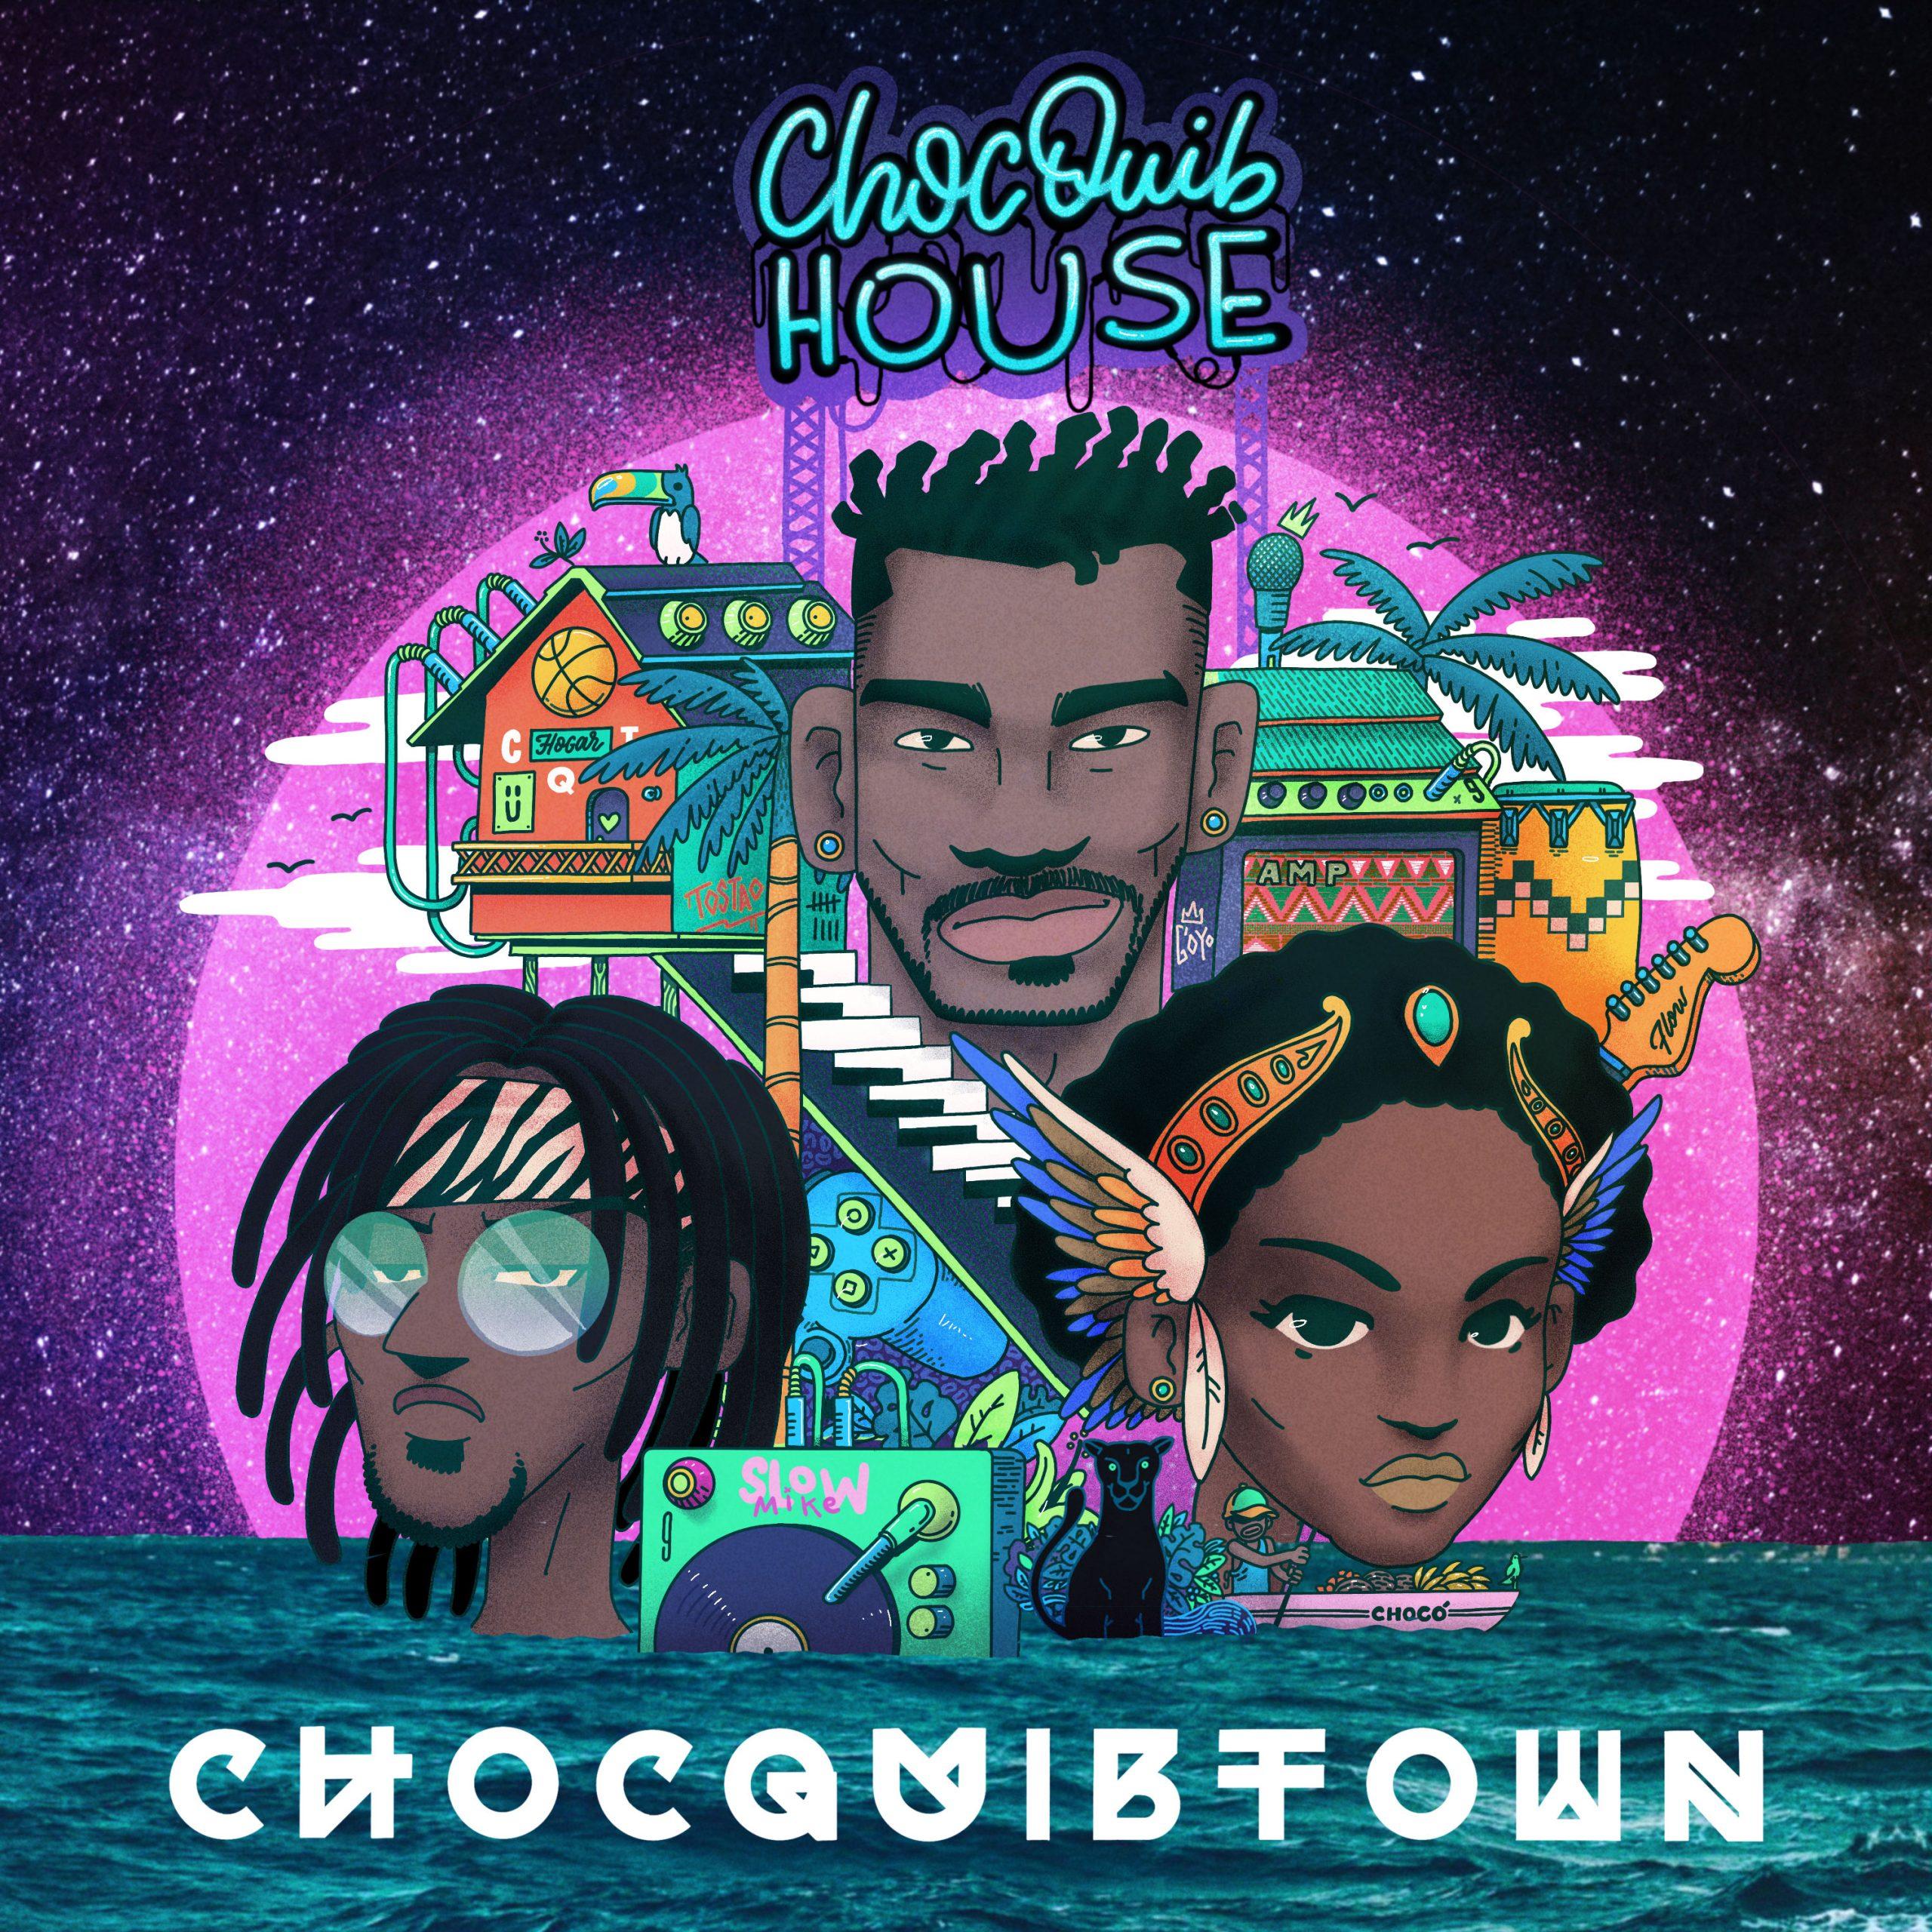 Chocquibtown_Chocquibhouse